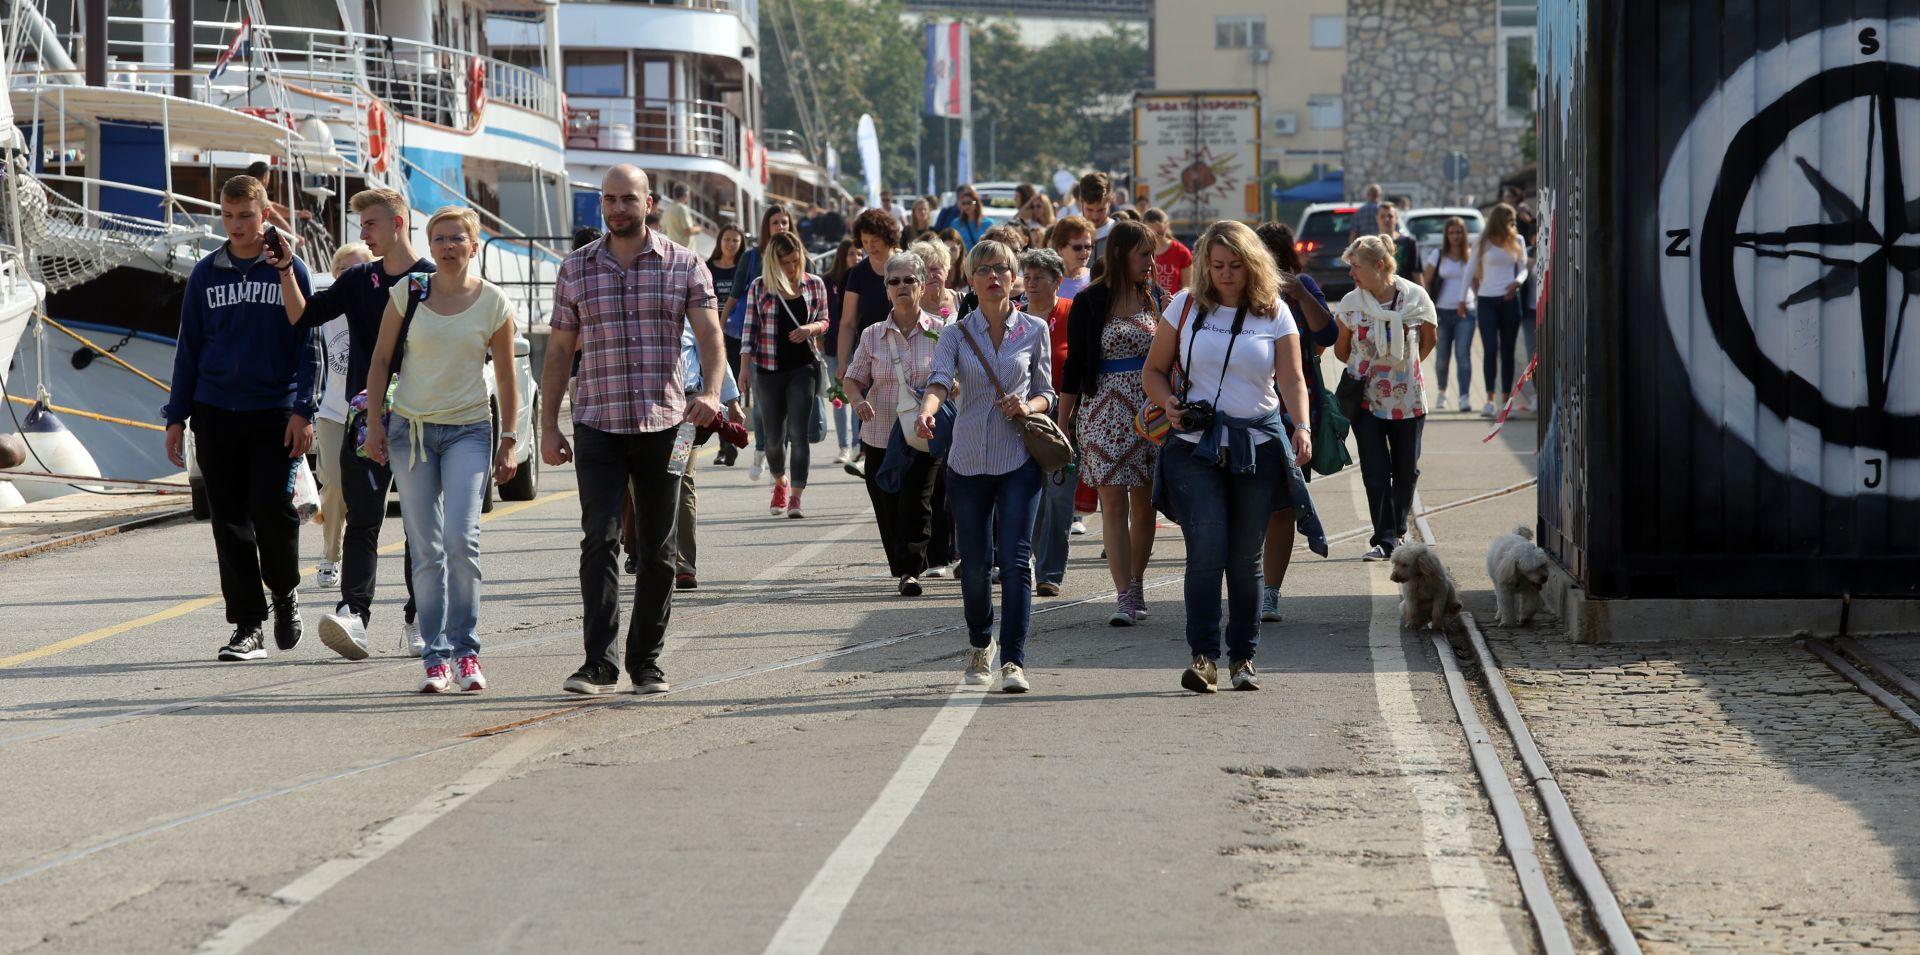 FOTO: Javnozdravstvena akcija 'Hodanjem do zdravlja' održava se u zagrebačkom Parku Maksimir